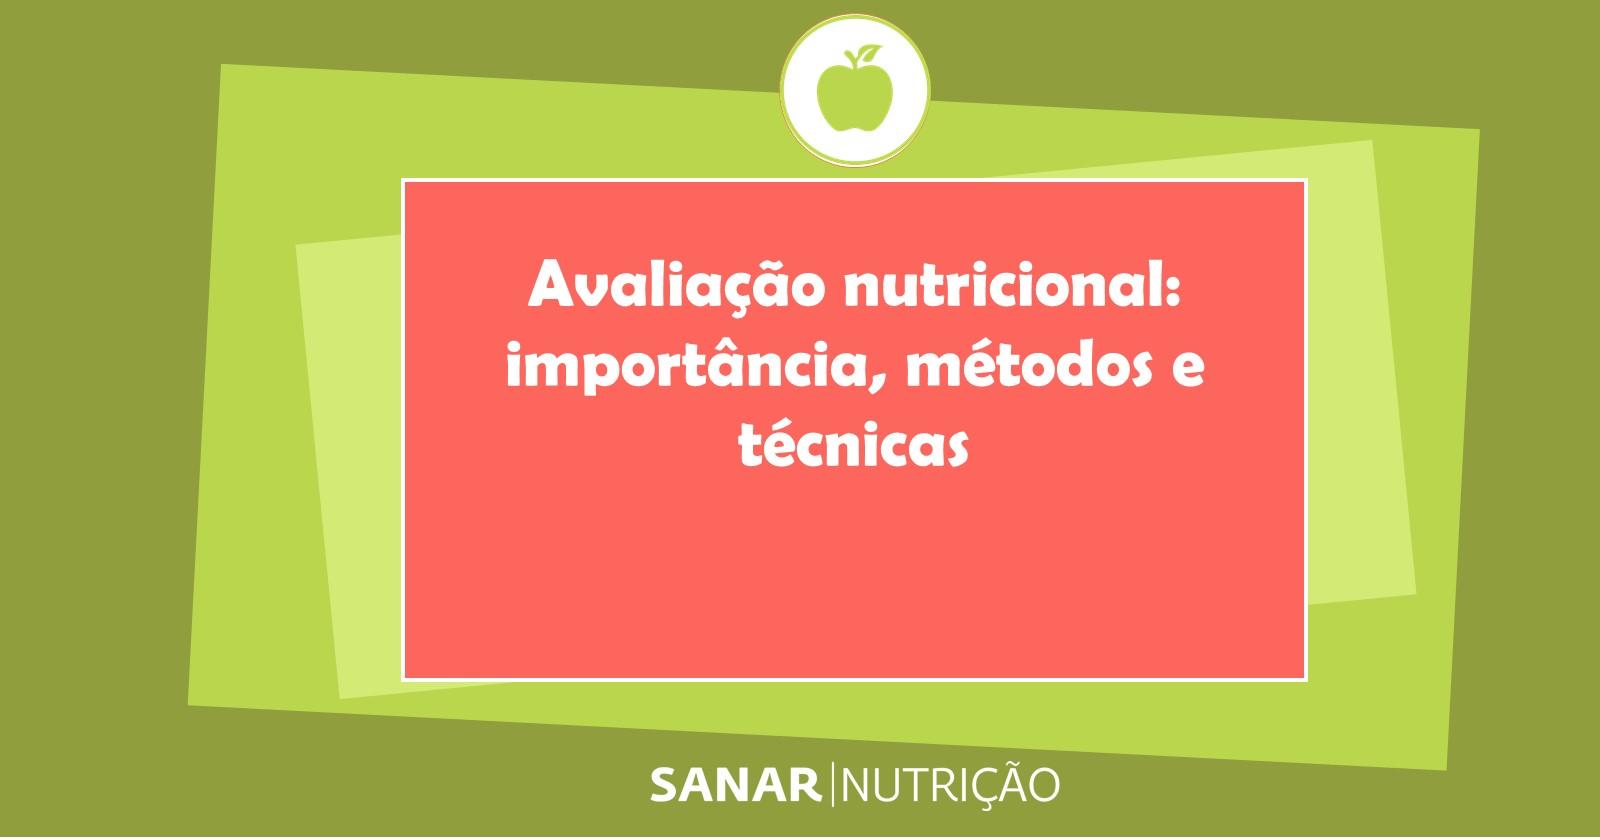 Avaliação nutricional: importância, métodos e técnicas